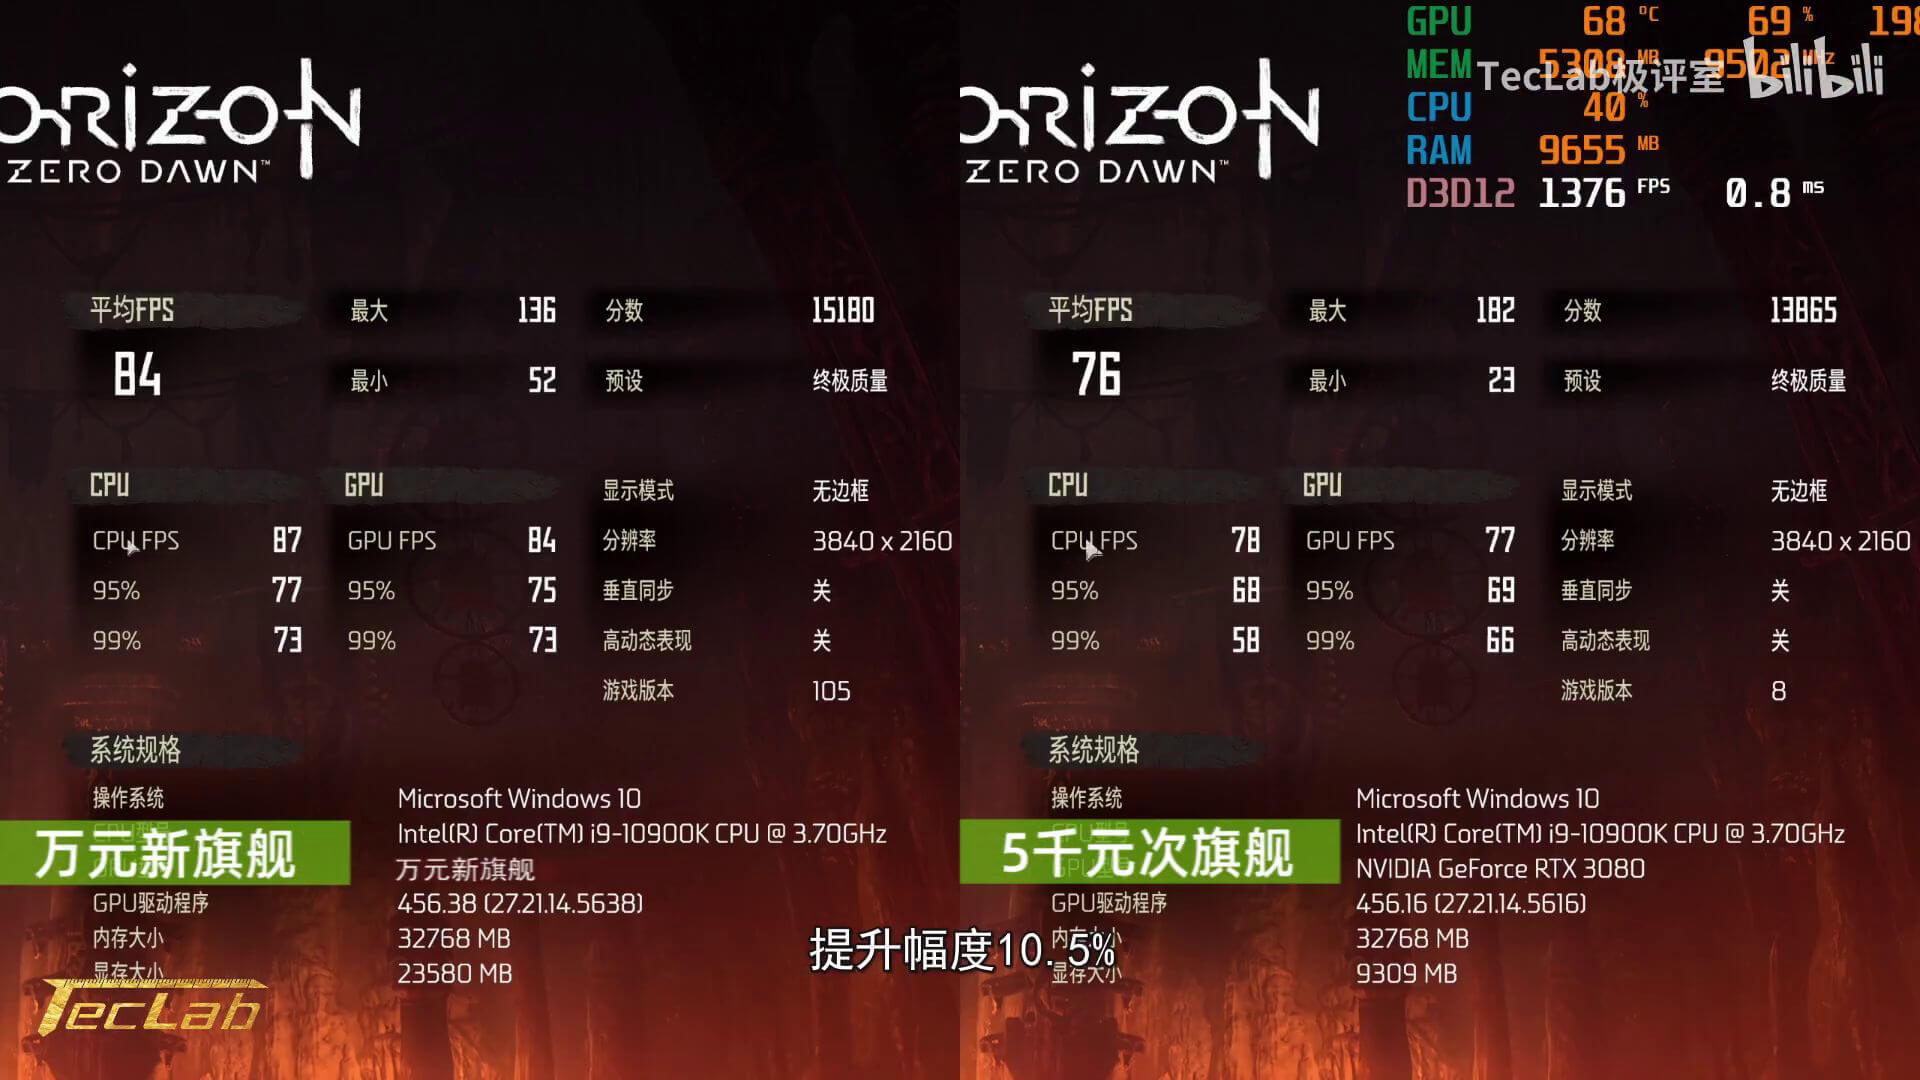 NVIDIA RTX3090 leaked benchmarks-6